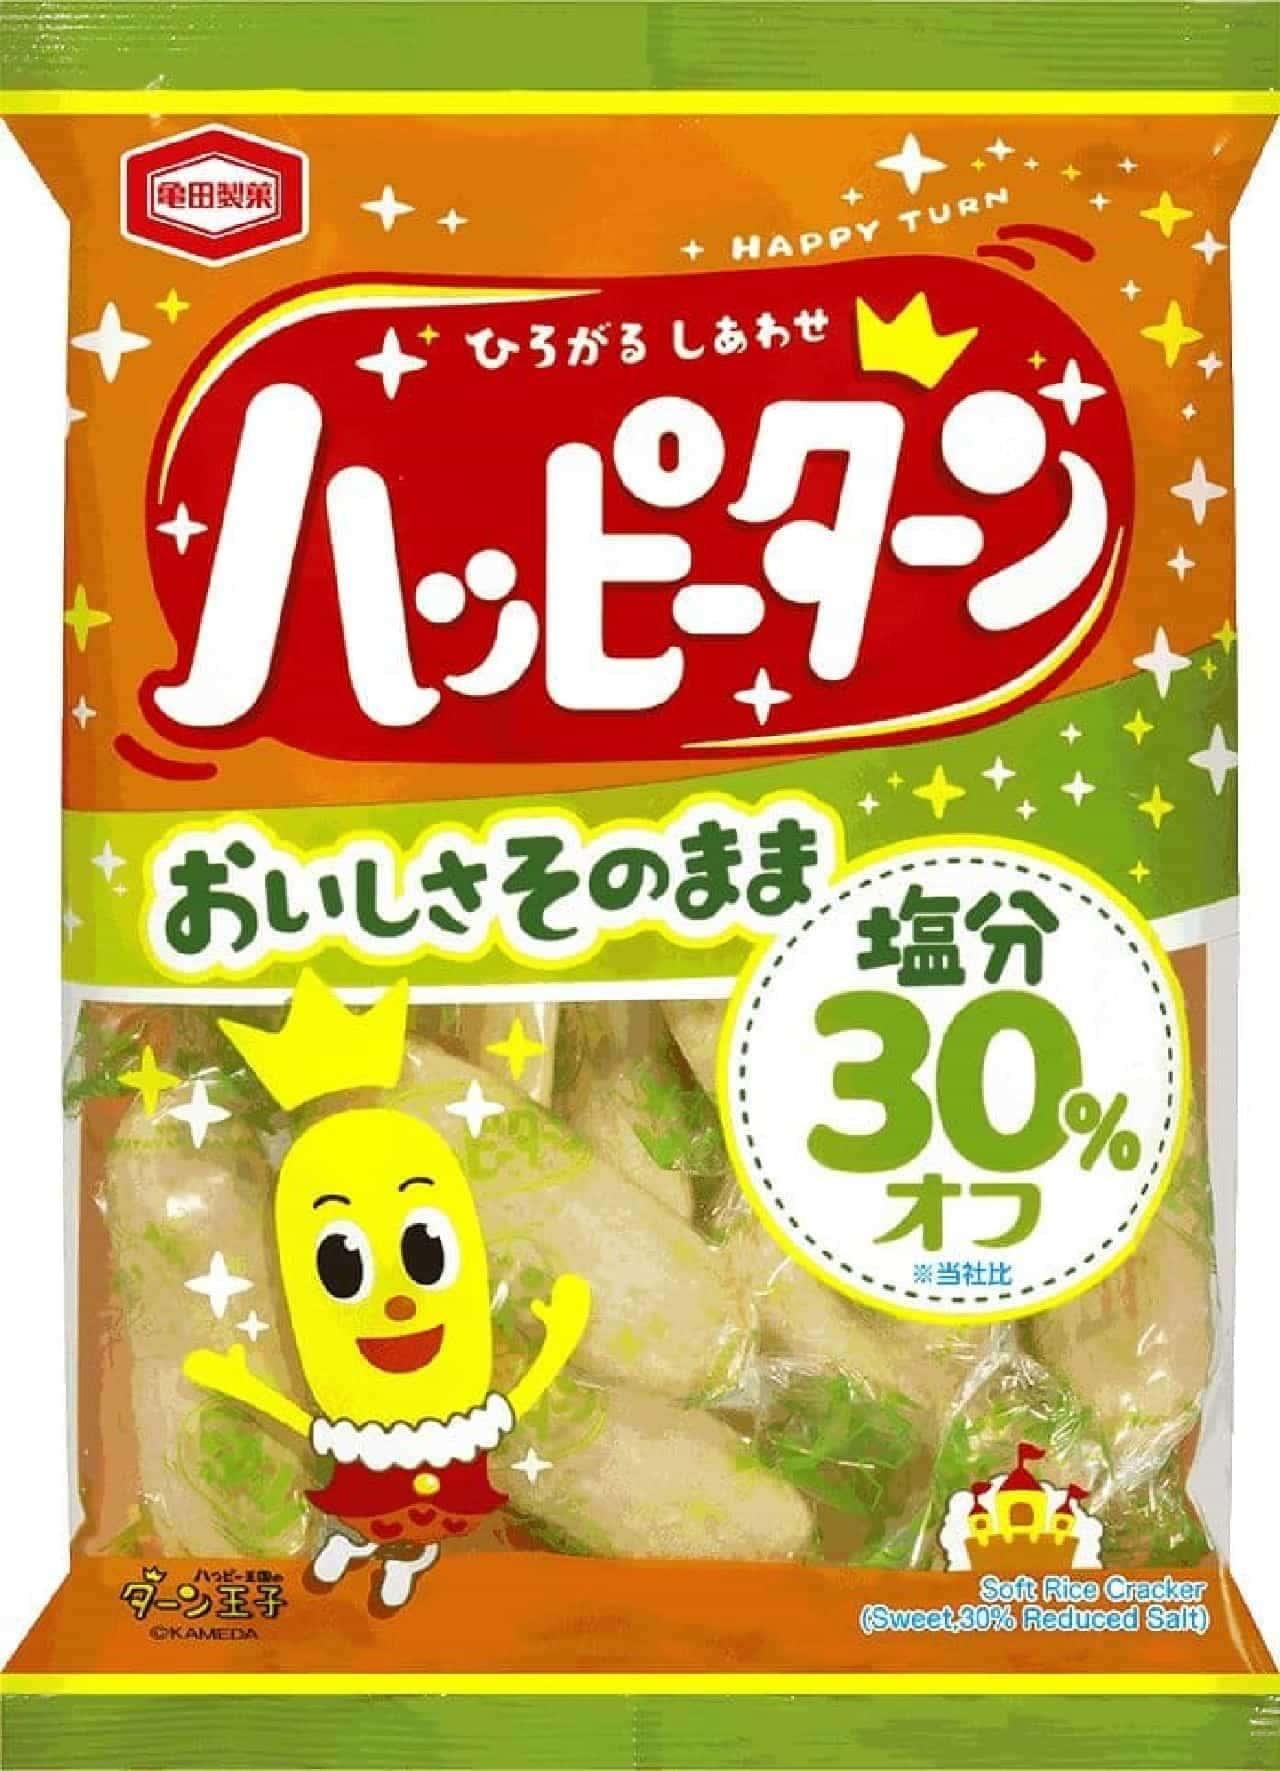 亀田製菓「95g 減塩 ハッピーターン」